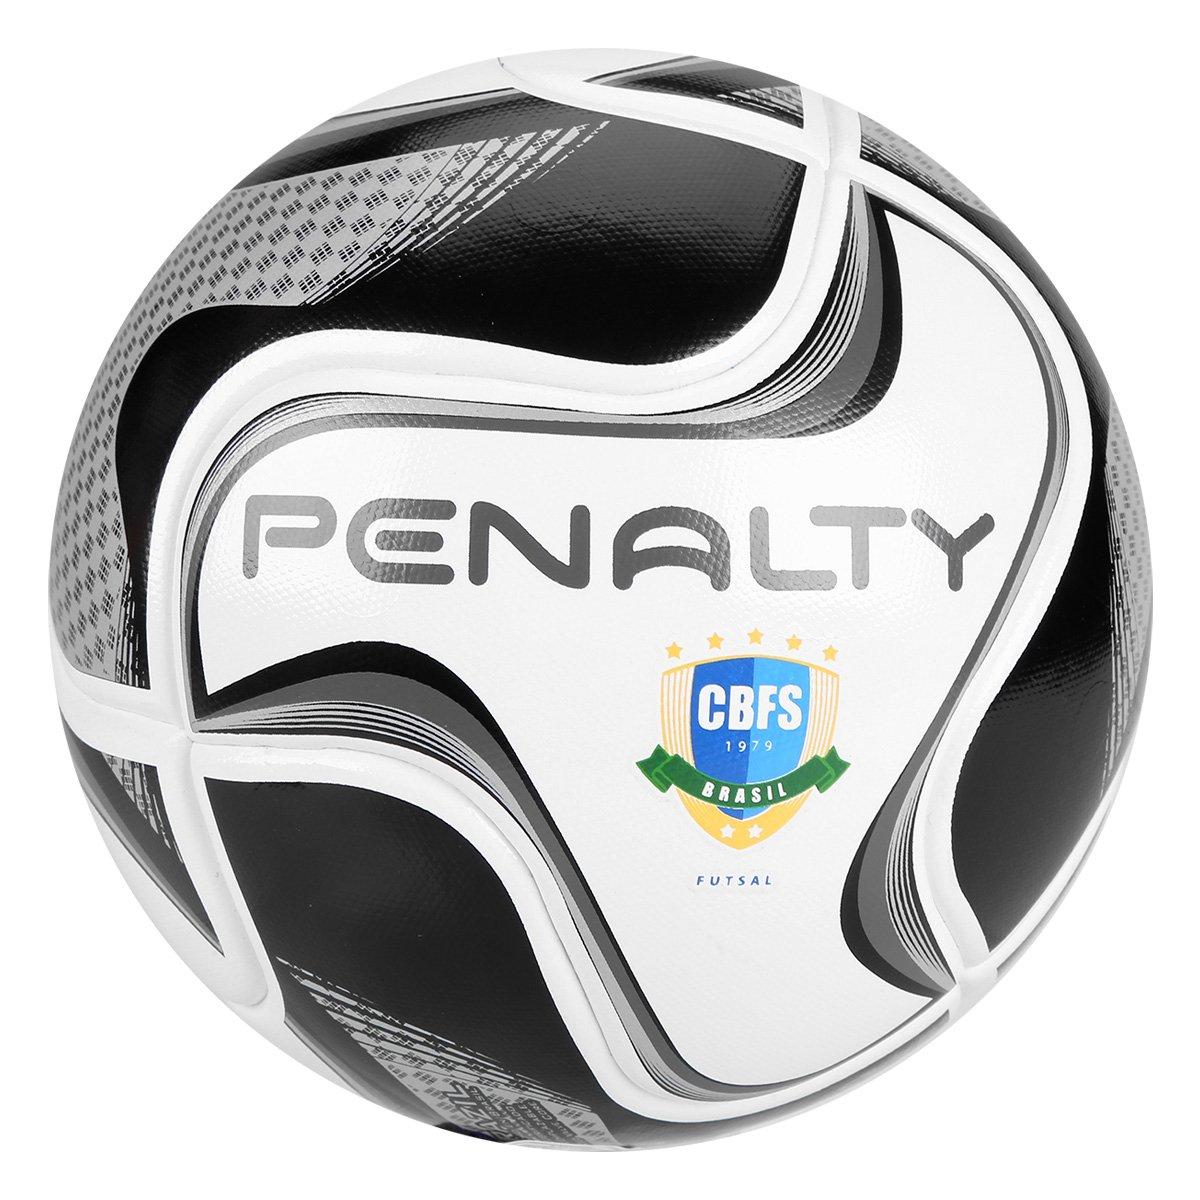 Bola de Futsal Penalty Max 100 All Black - Edição Limitada - Branco ... d5dc86eea8a13